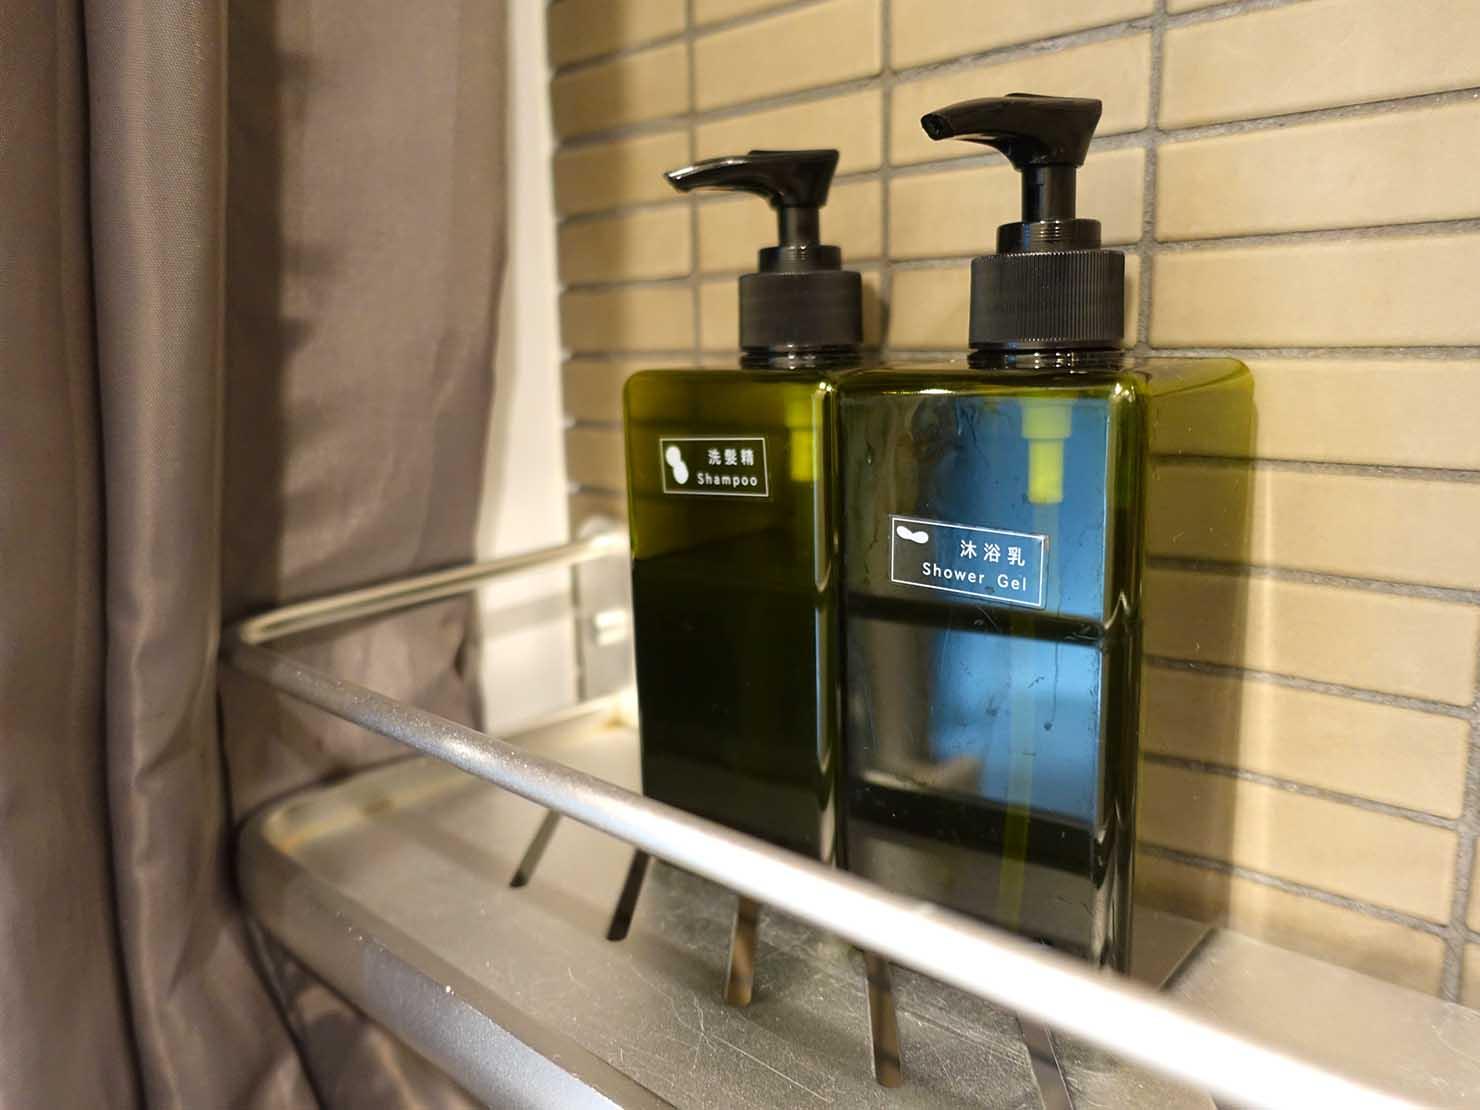 台北・九份のおしゃれなゲストハウス「九份山經」クイーンルームのシャワールームに置かれたシャンプー類